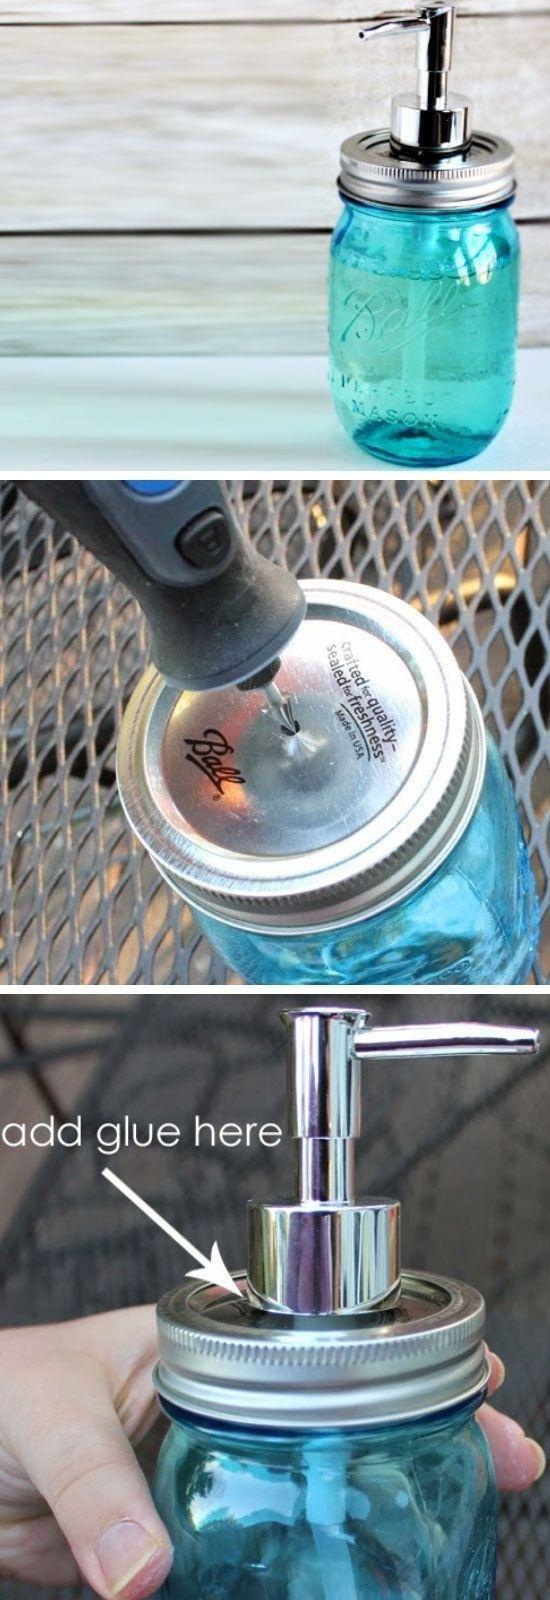 Wenn du irgendwo ein Mason Jar findest, kannst du ein Loch reinbohren und es zu einem Seifenspender umfunktionieren.